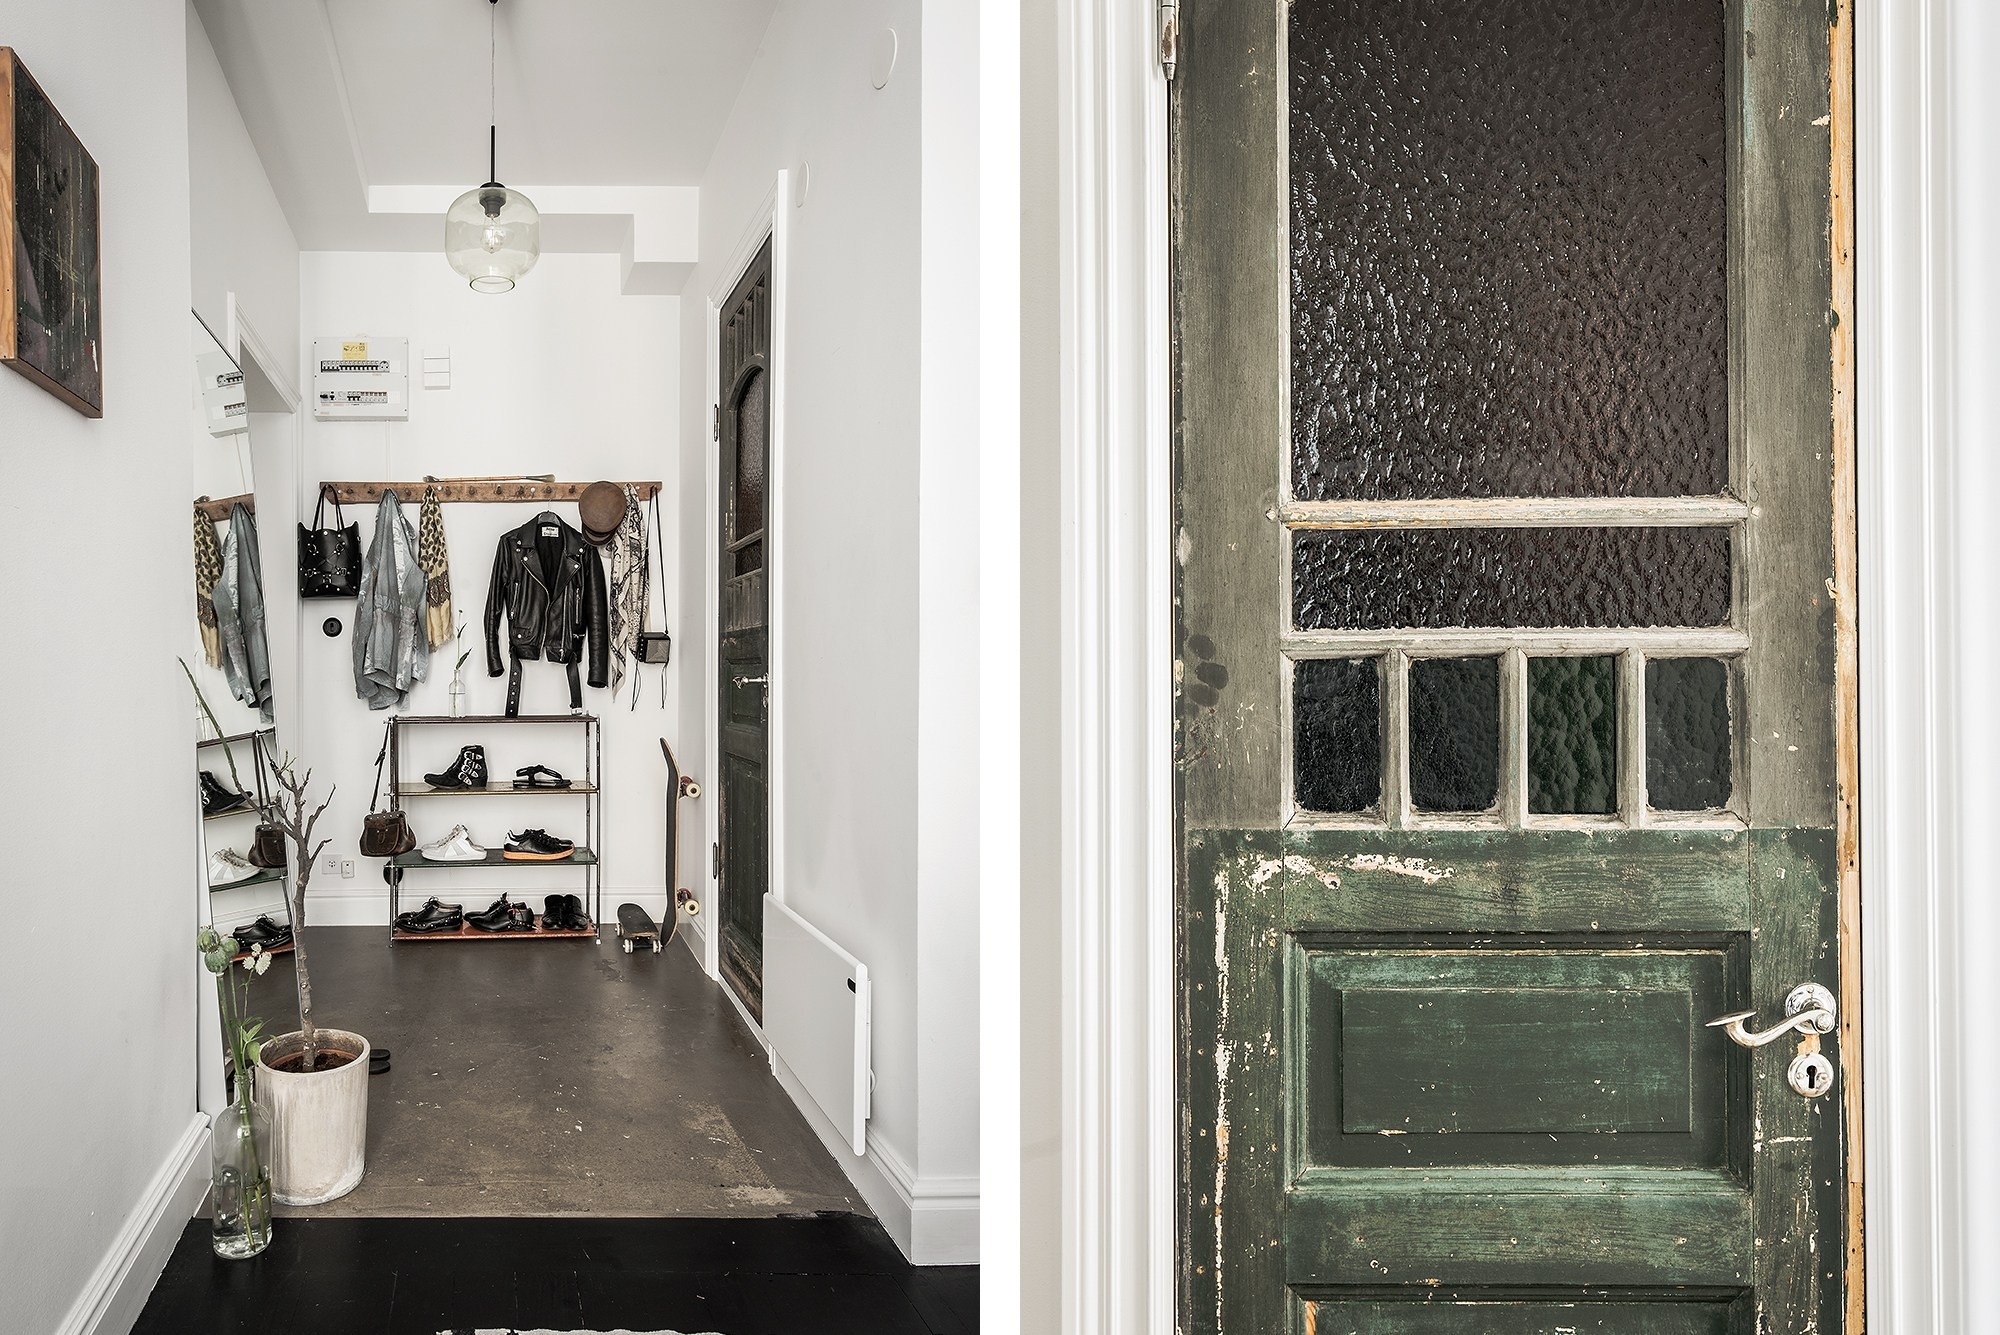 Tận dụng đồ cũ, căn hộ 42m² vẫn đẹp cá tính từng góc nhỏ - Ảnh 12.